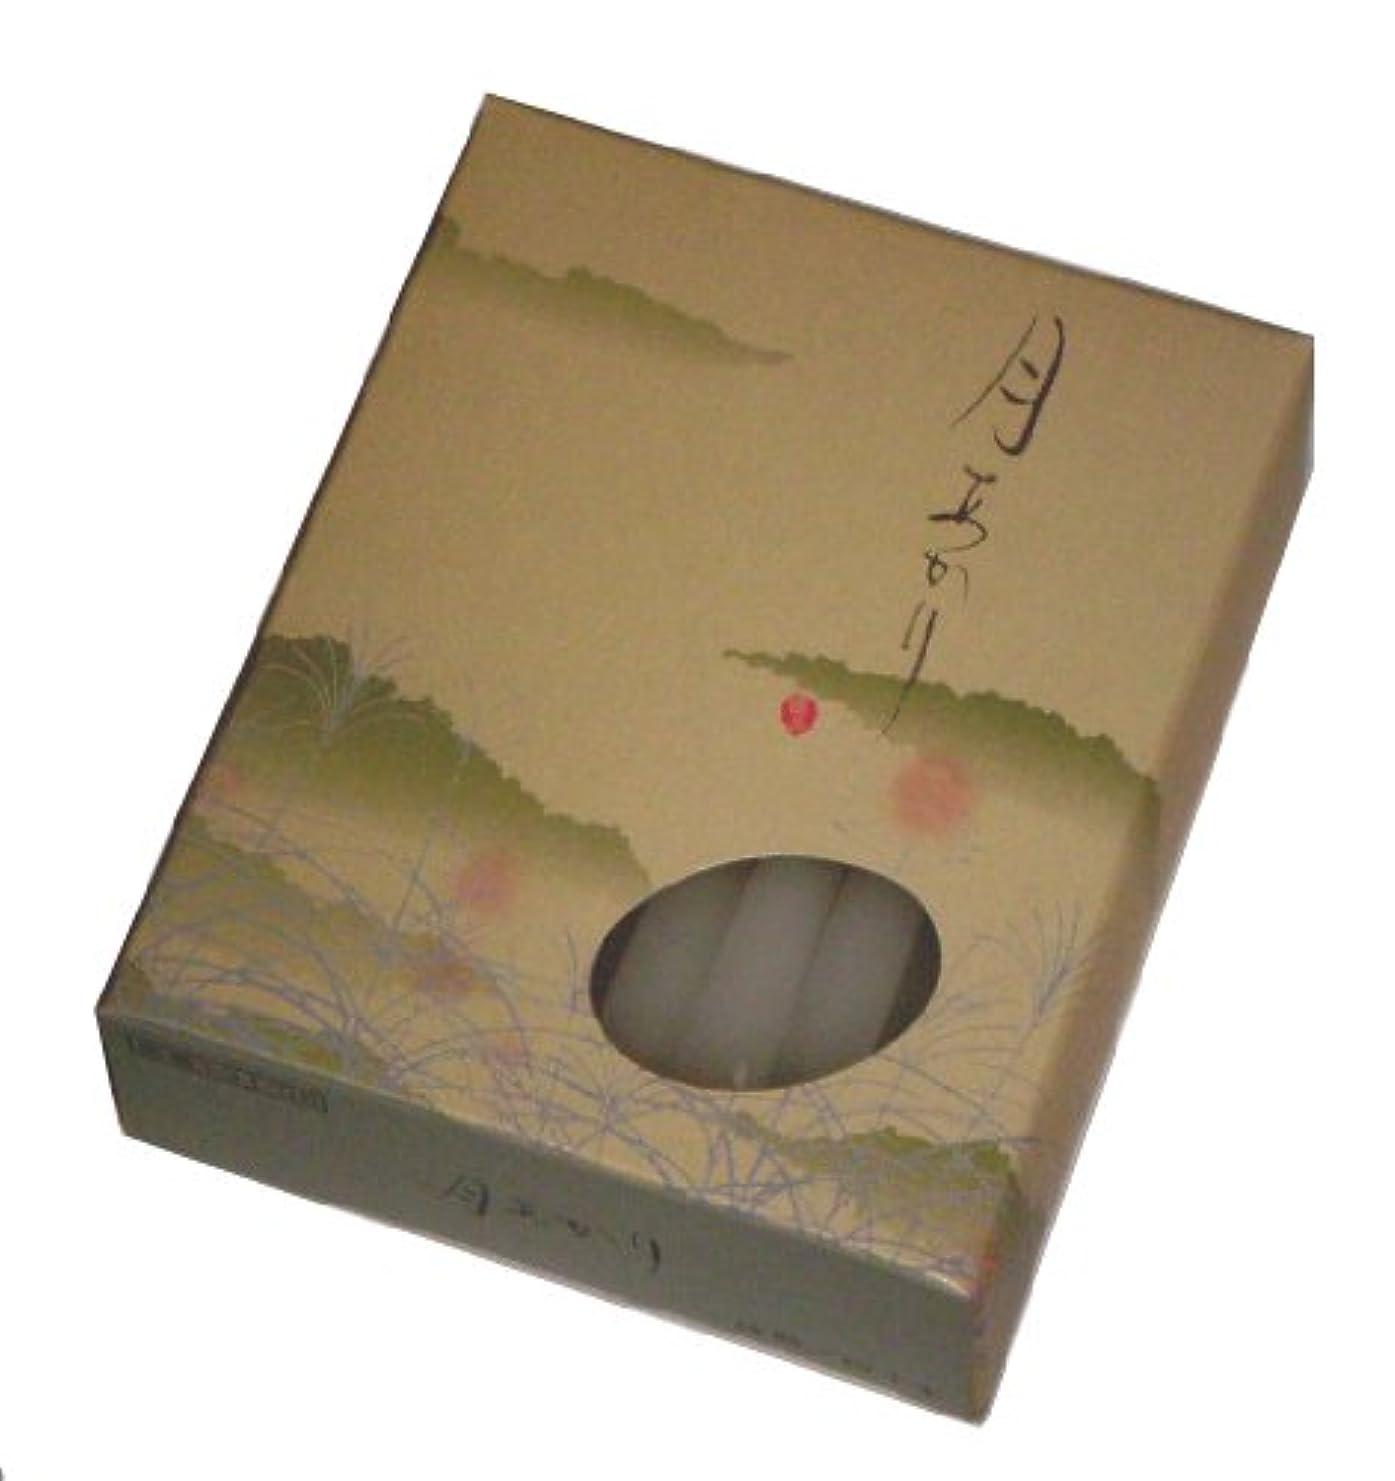 振幅トーンで出来ている東海製蝋のろうそく 月あかり 1時間40本